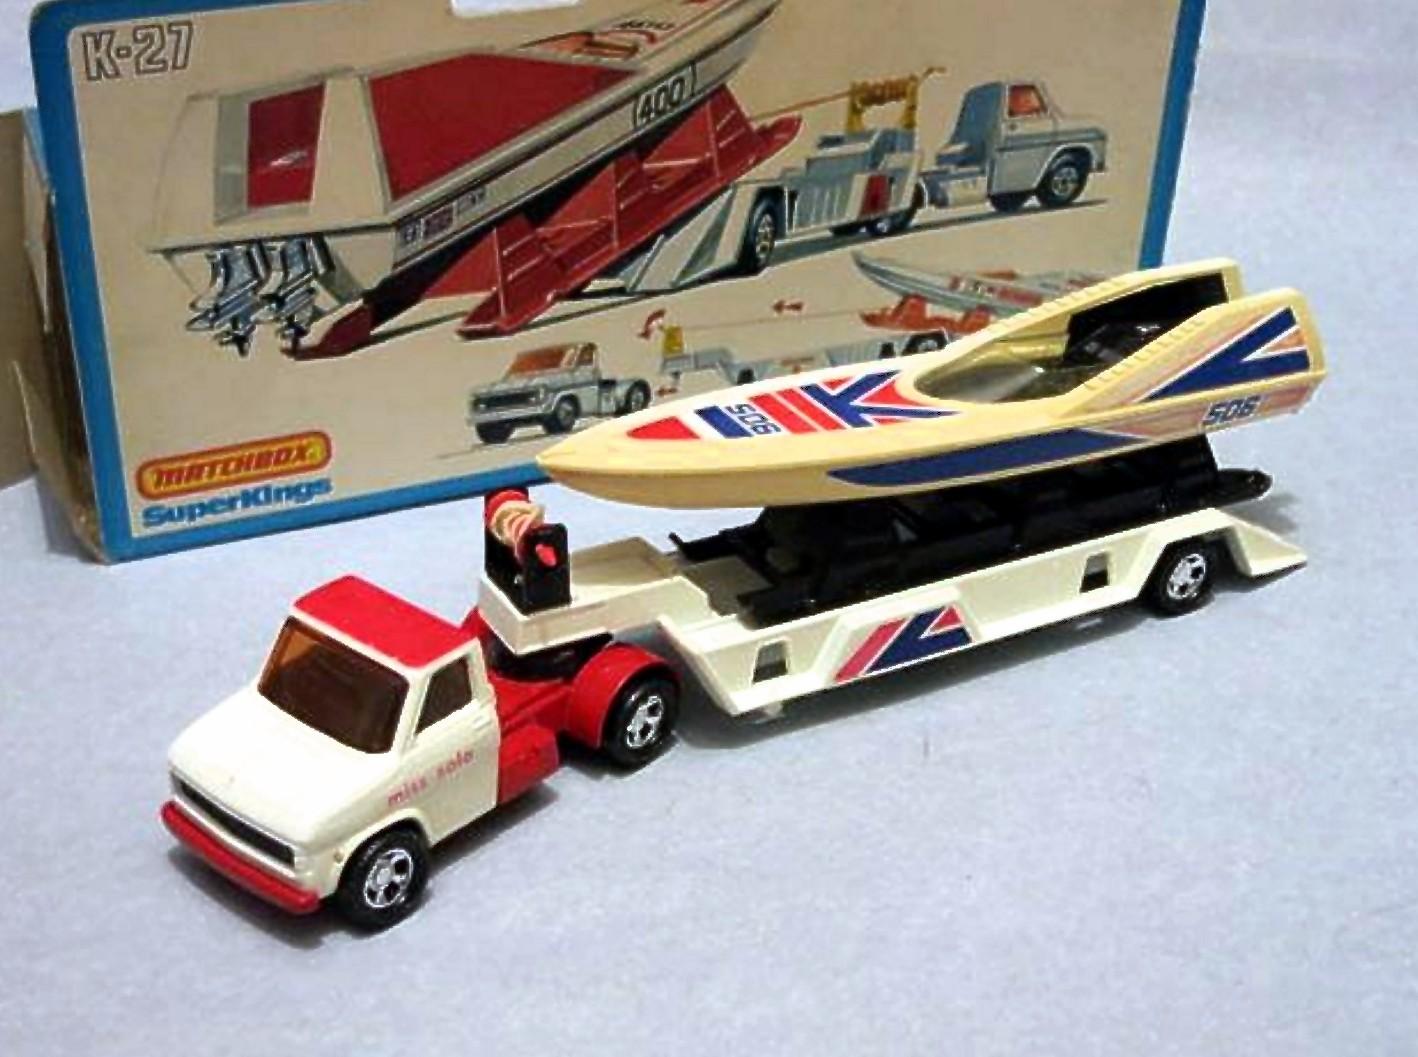 Ford Boat Transporter (K-27)